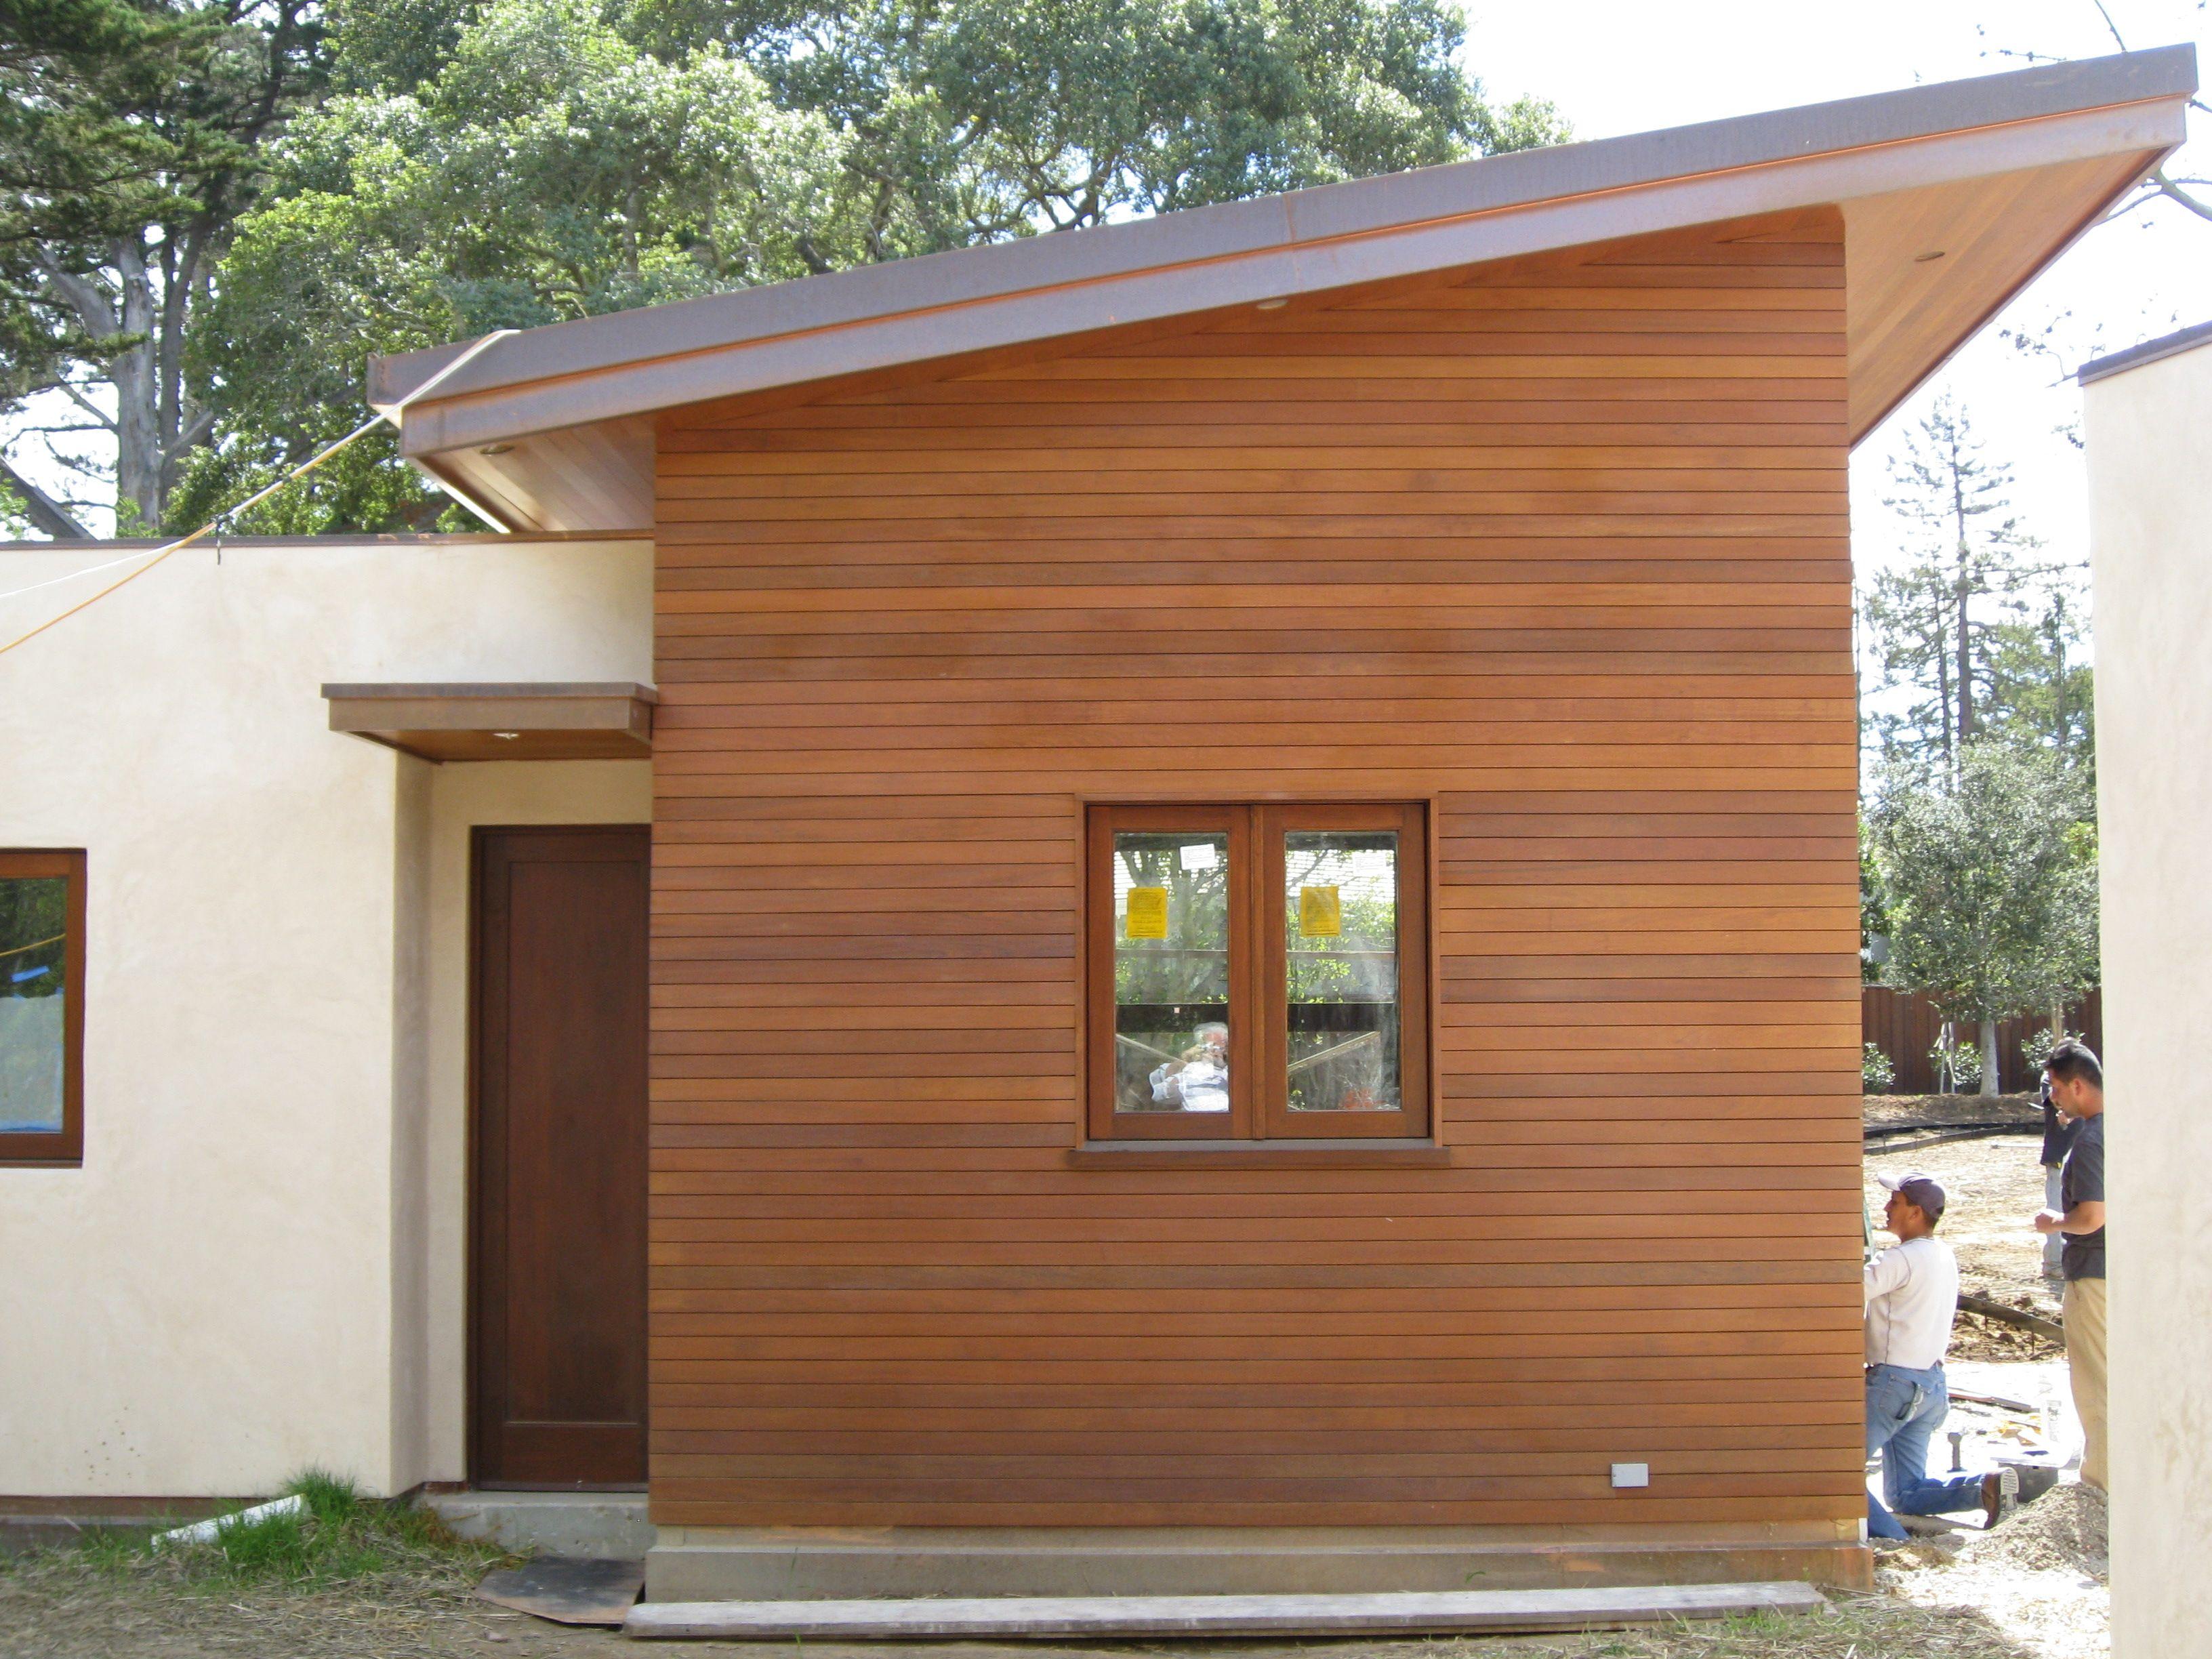 flush wood siding | houses | Pinterest